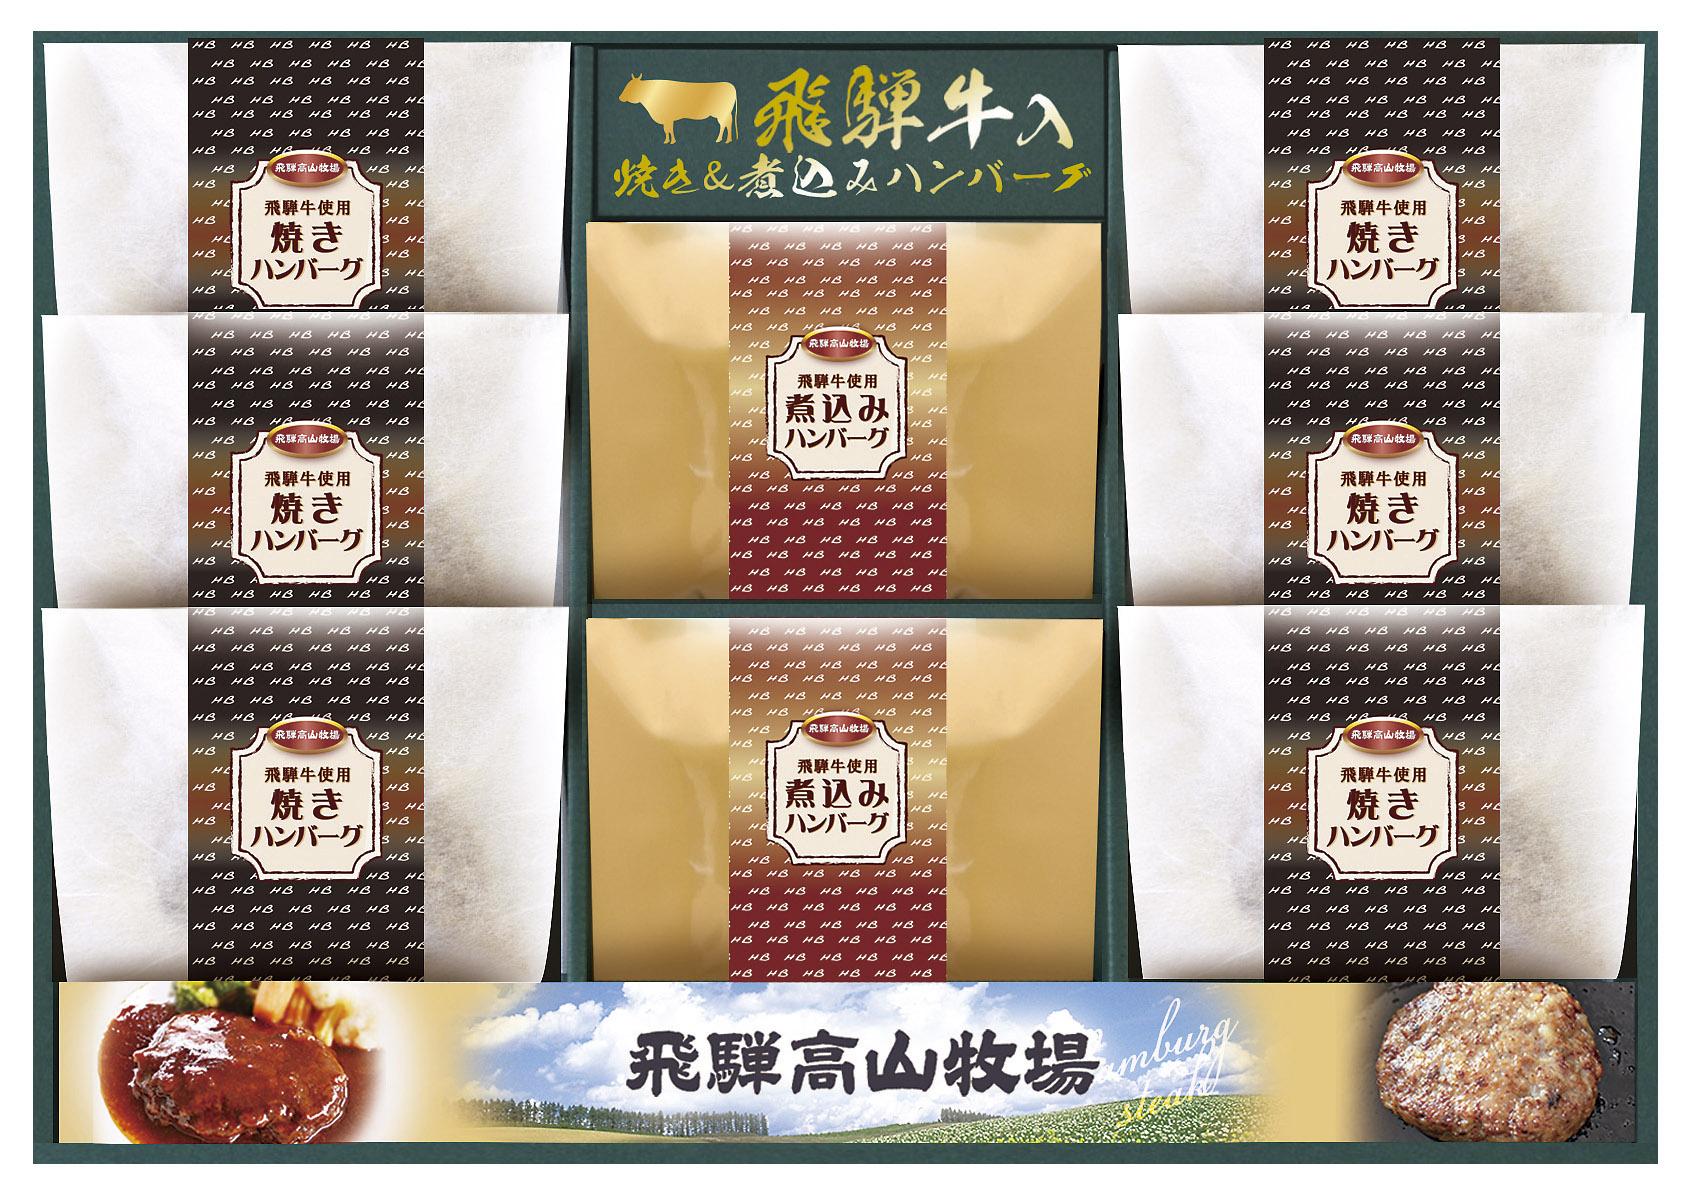 【画像目録】 飛騨牛 焼きハンバーグ110g×6・煮込みハンバーグ150g×2